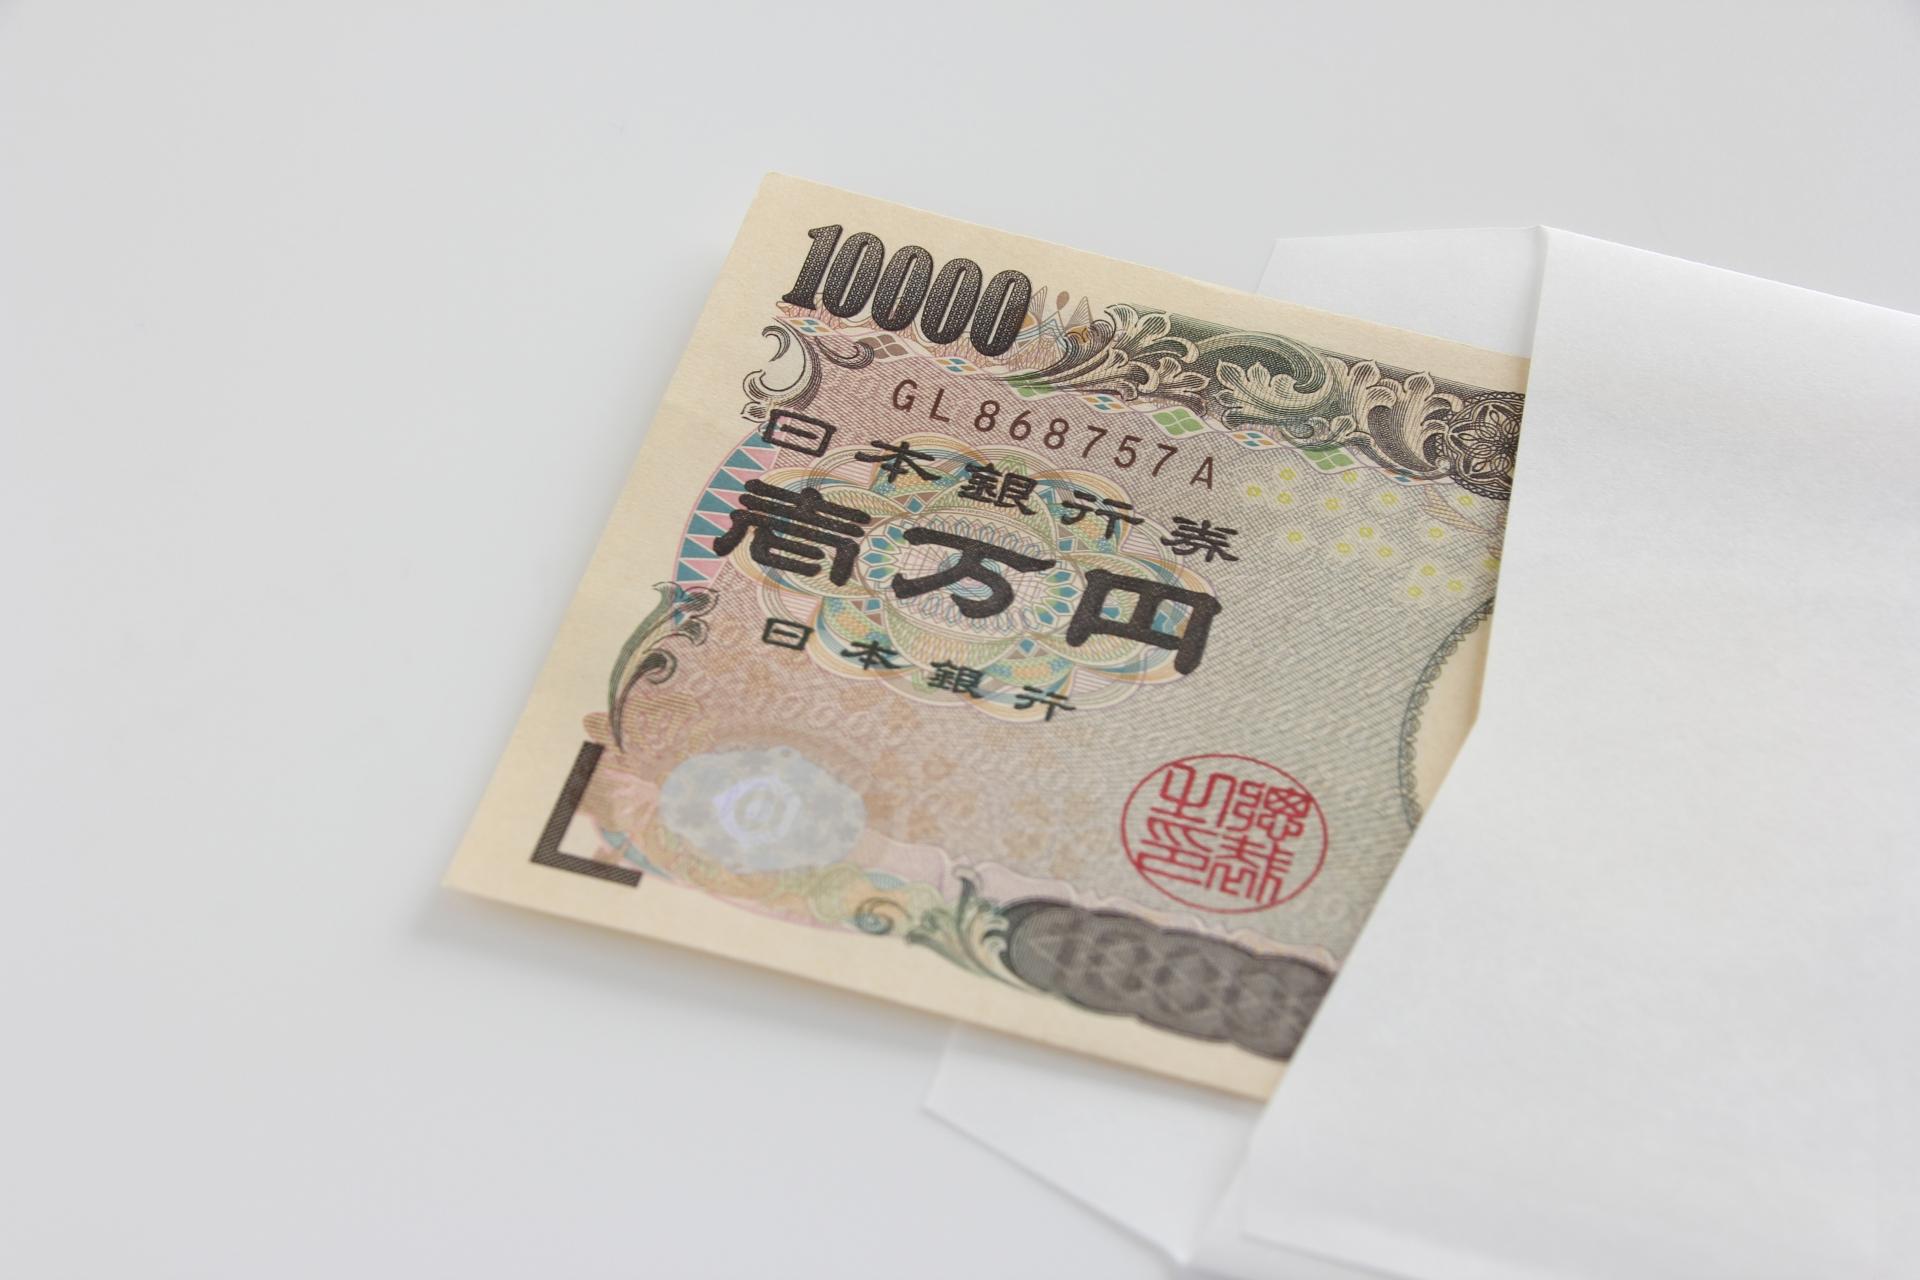 電脳せどりは1回の転売で1万円稼ぐ